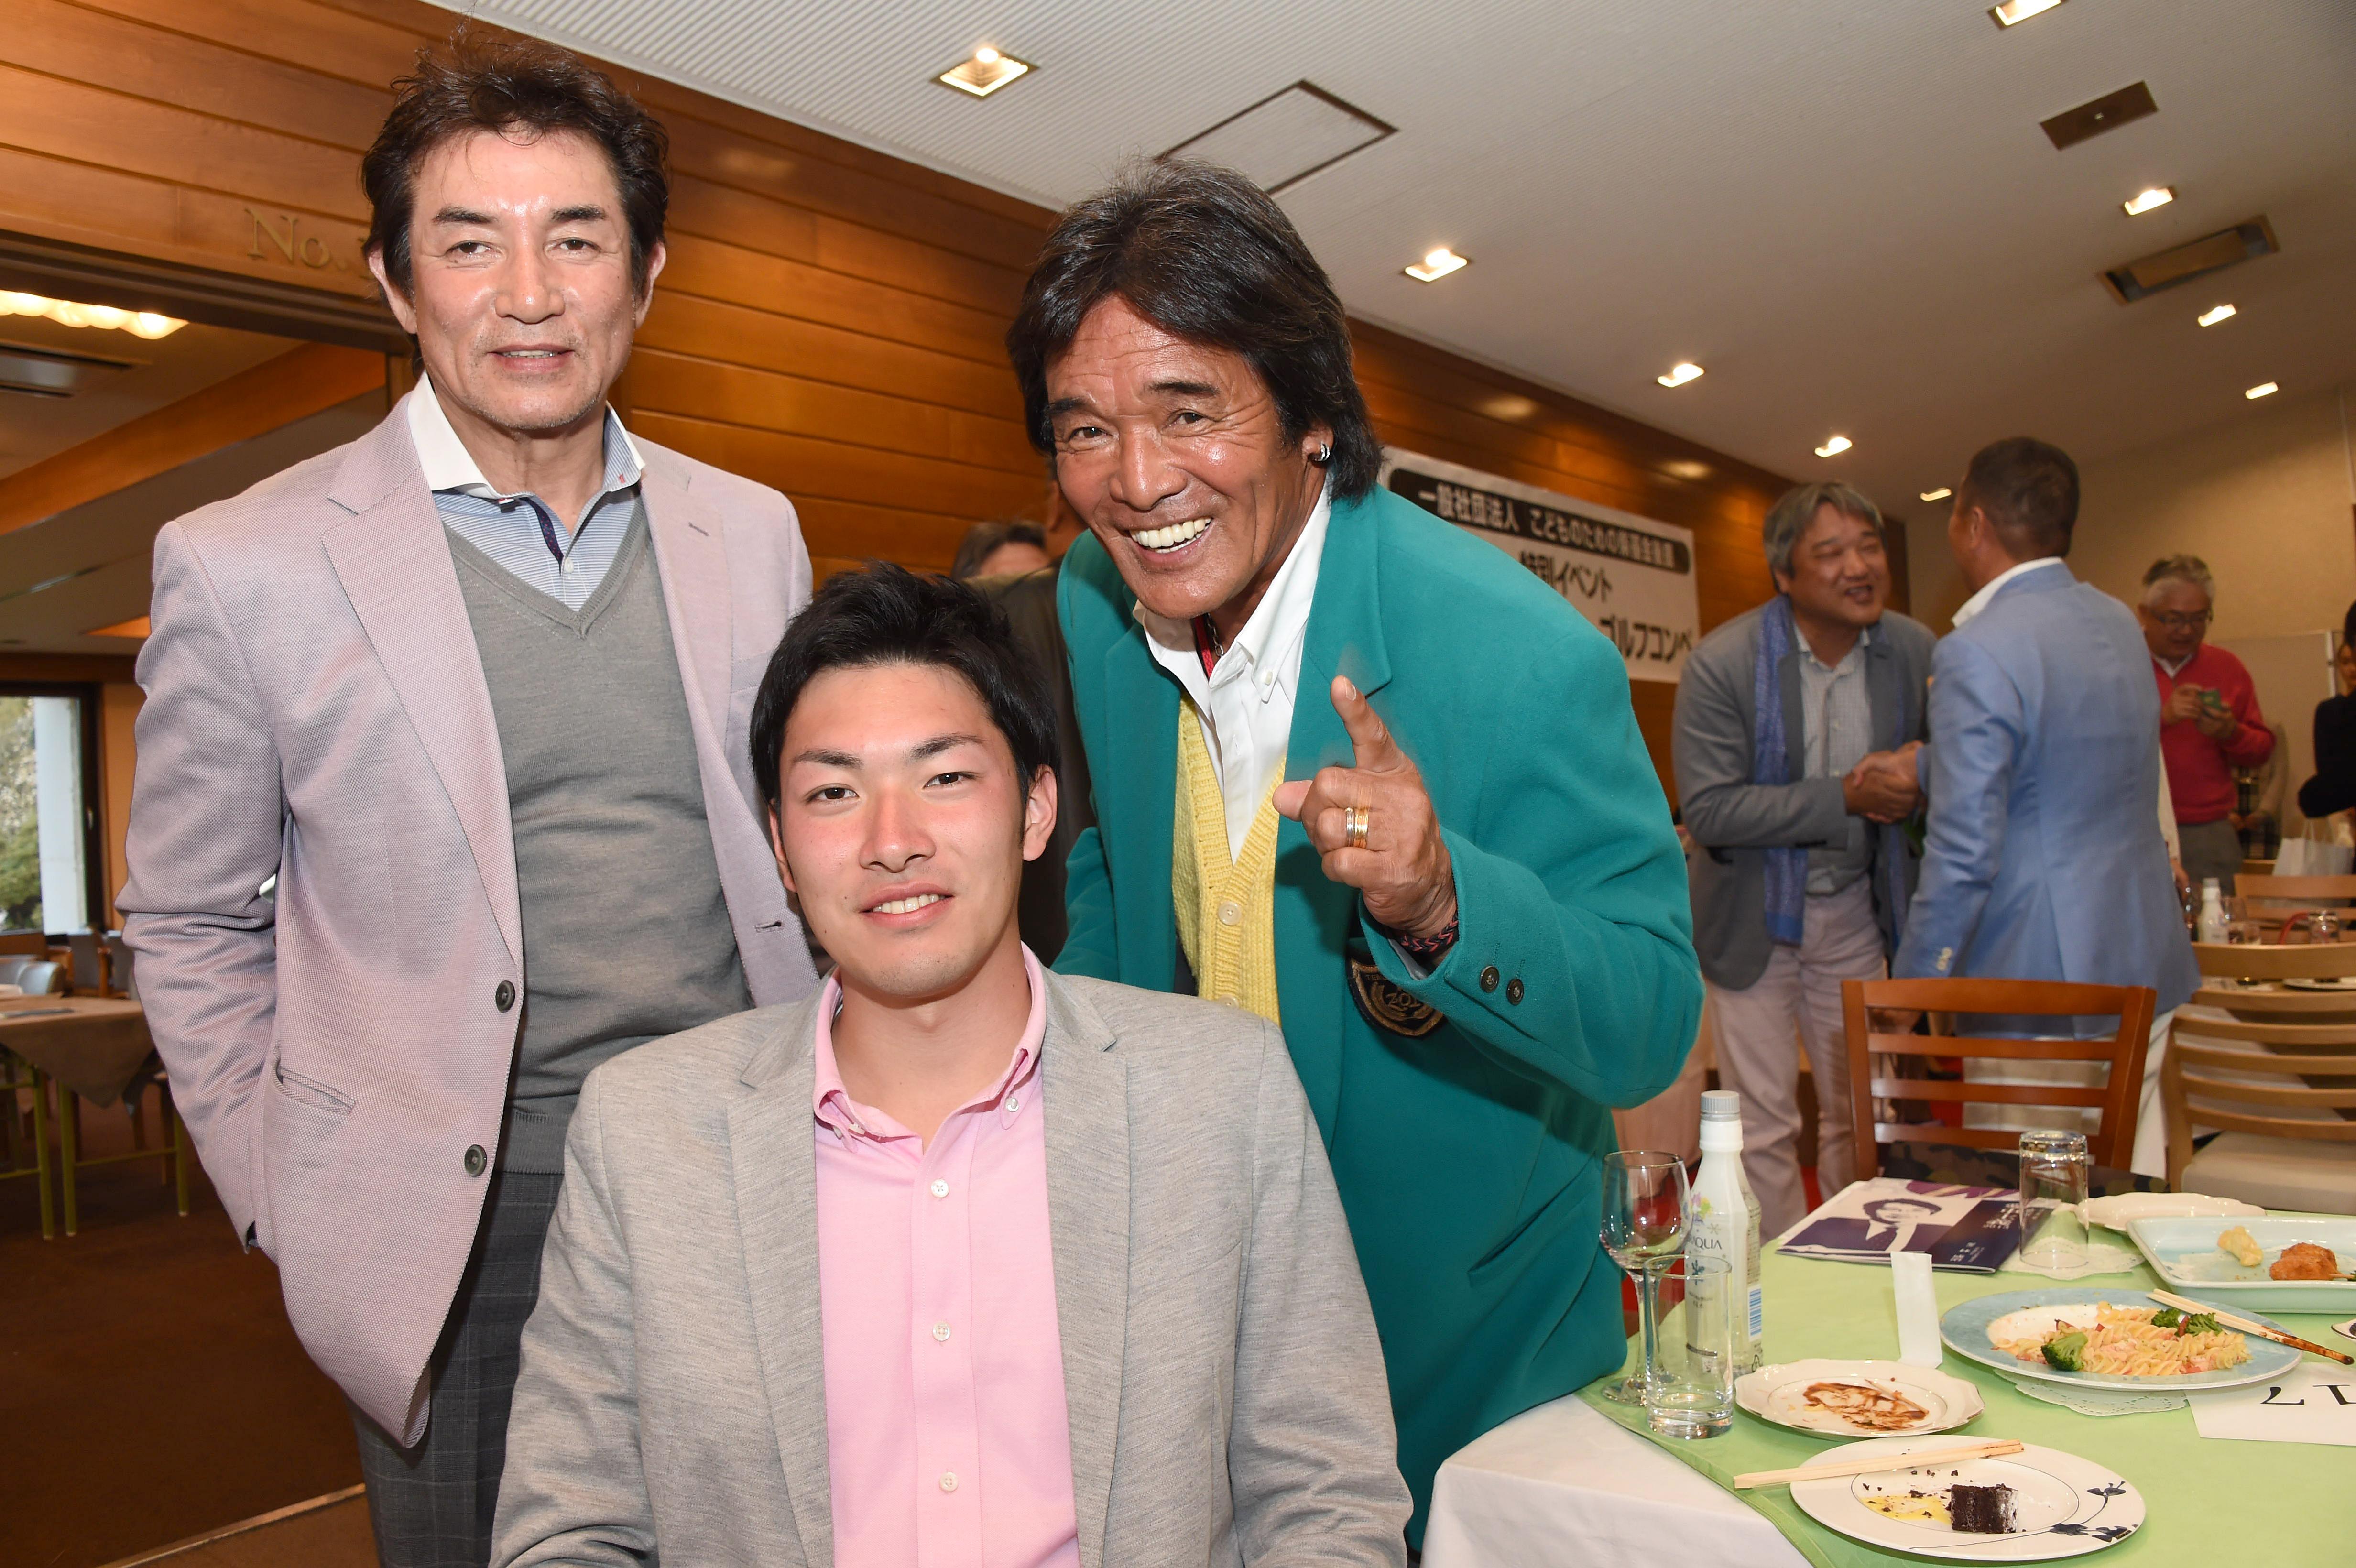 第8回チャリティーゴルフコンペ at 泉カントリー倶楽部